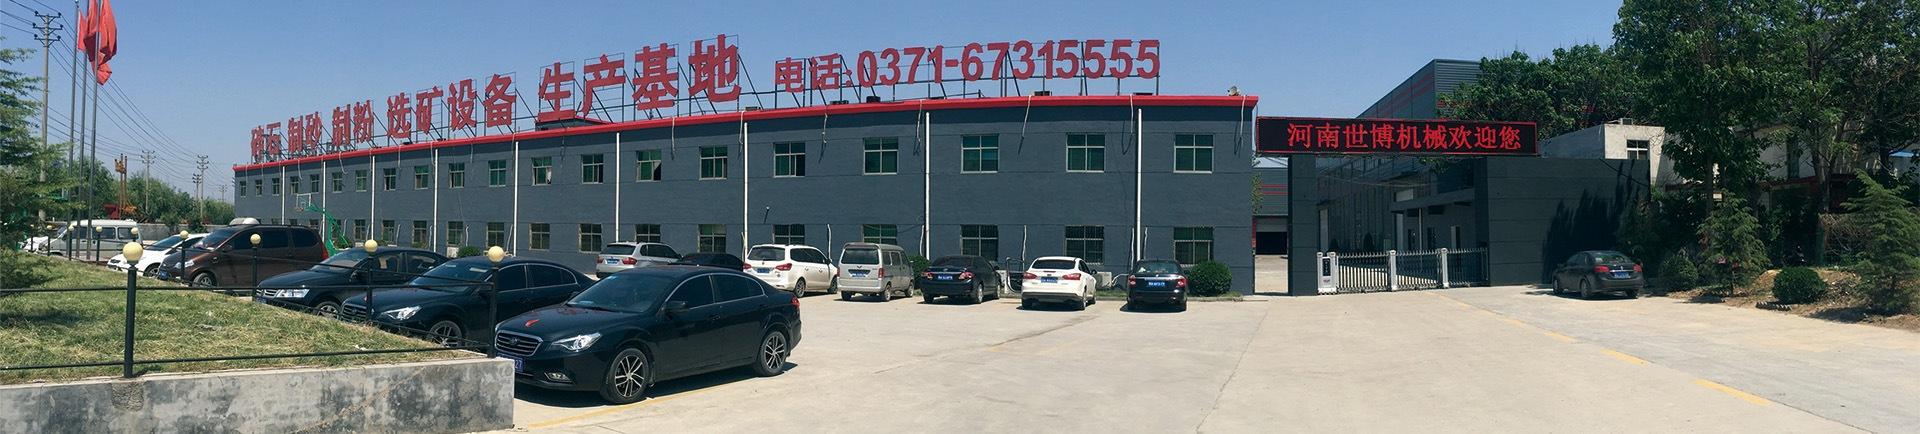 河南世博机械工程有限公司